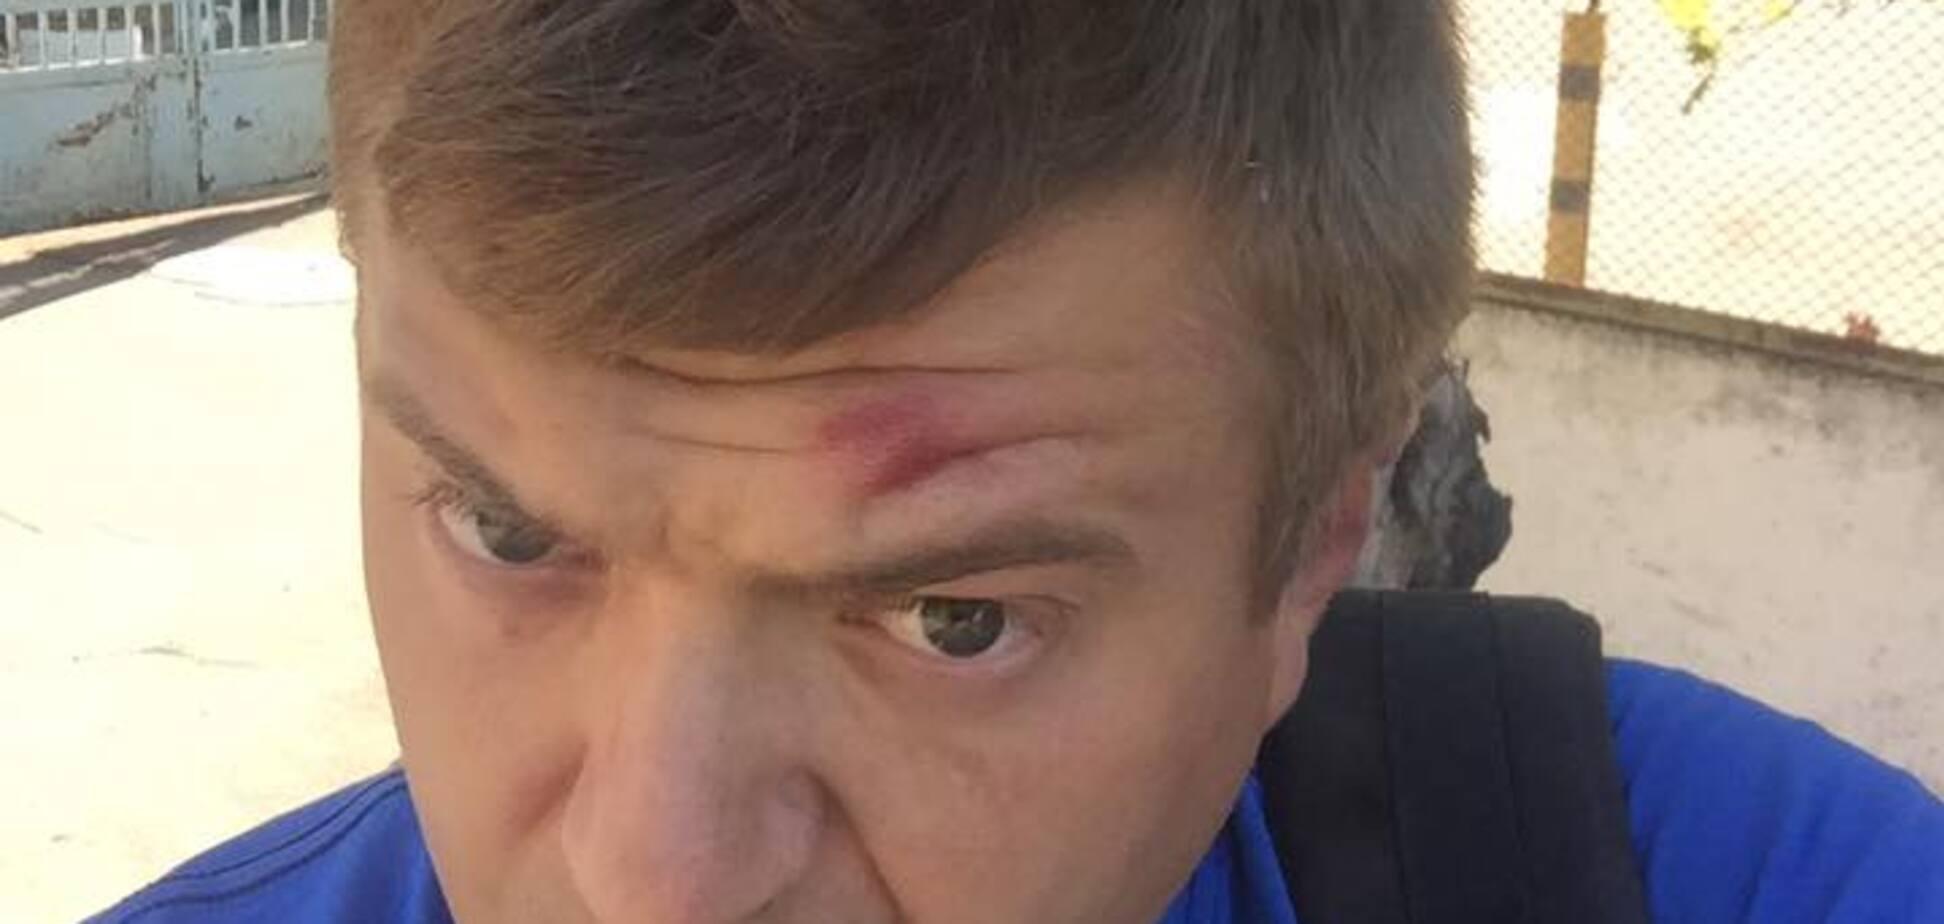 'Били сильно': в Херсоне напали на известного журналиста